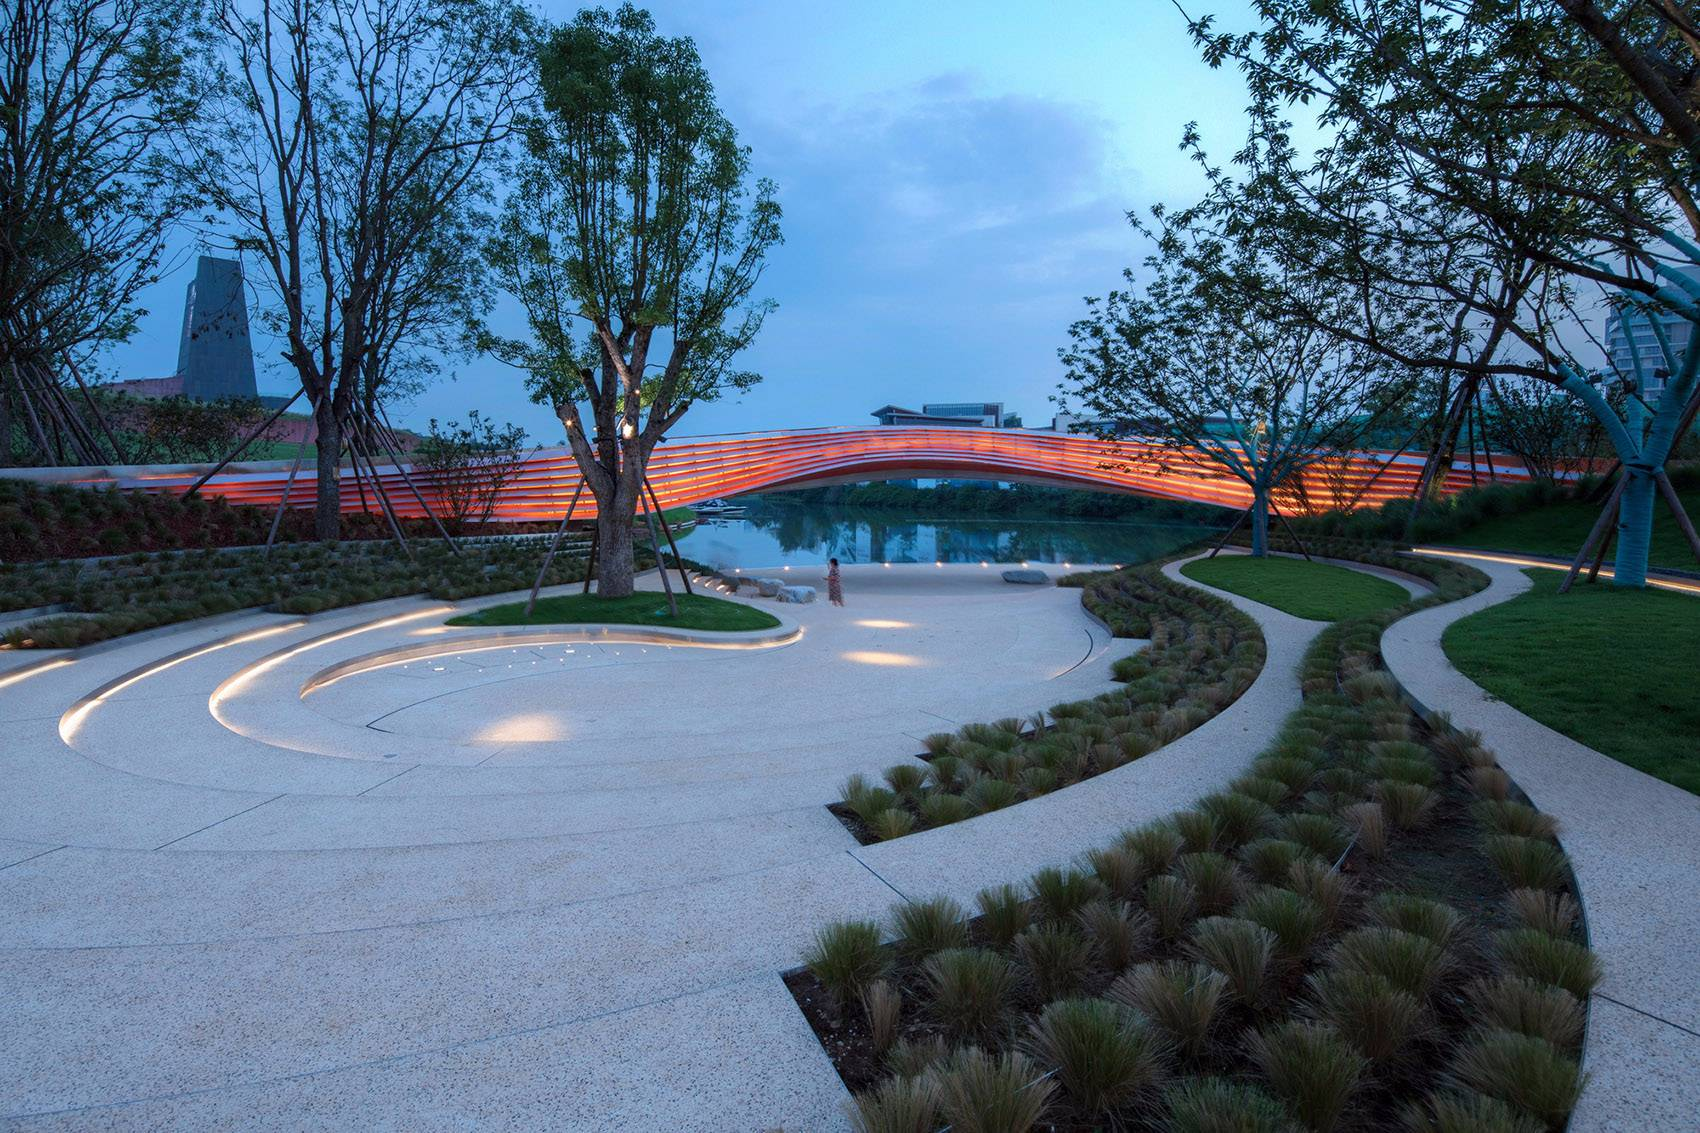 成都麓湖生态城G1艺展公园景观设计|GVL怡境ai几何图形海报设计图片